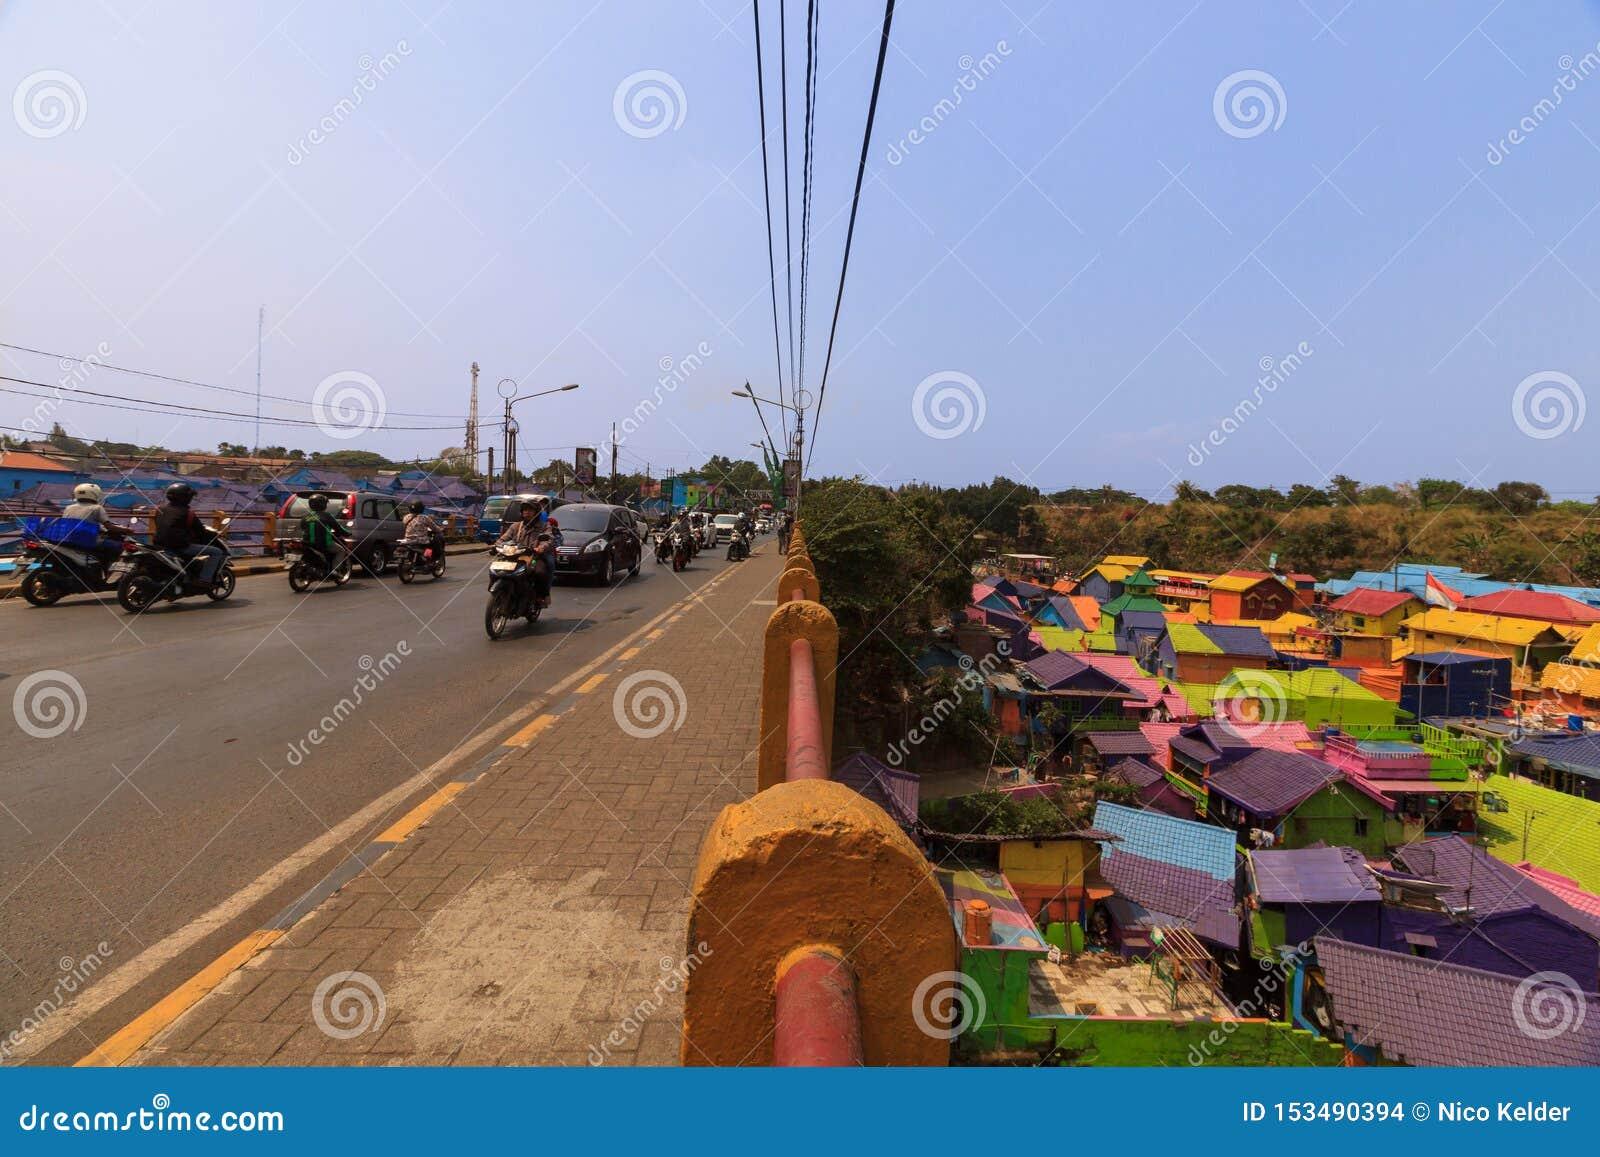 Kampung Warna Warni Jodipan五颜六色的村庄玛琅